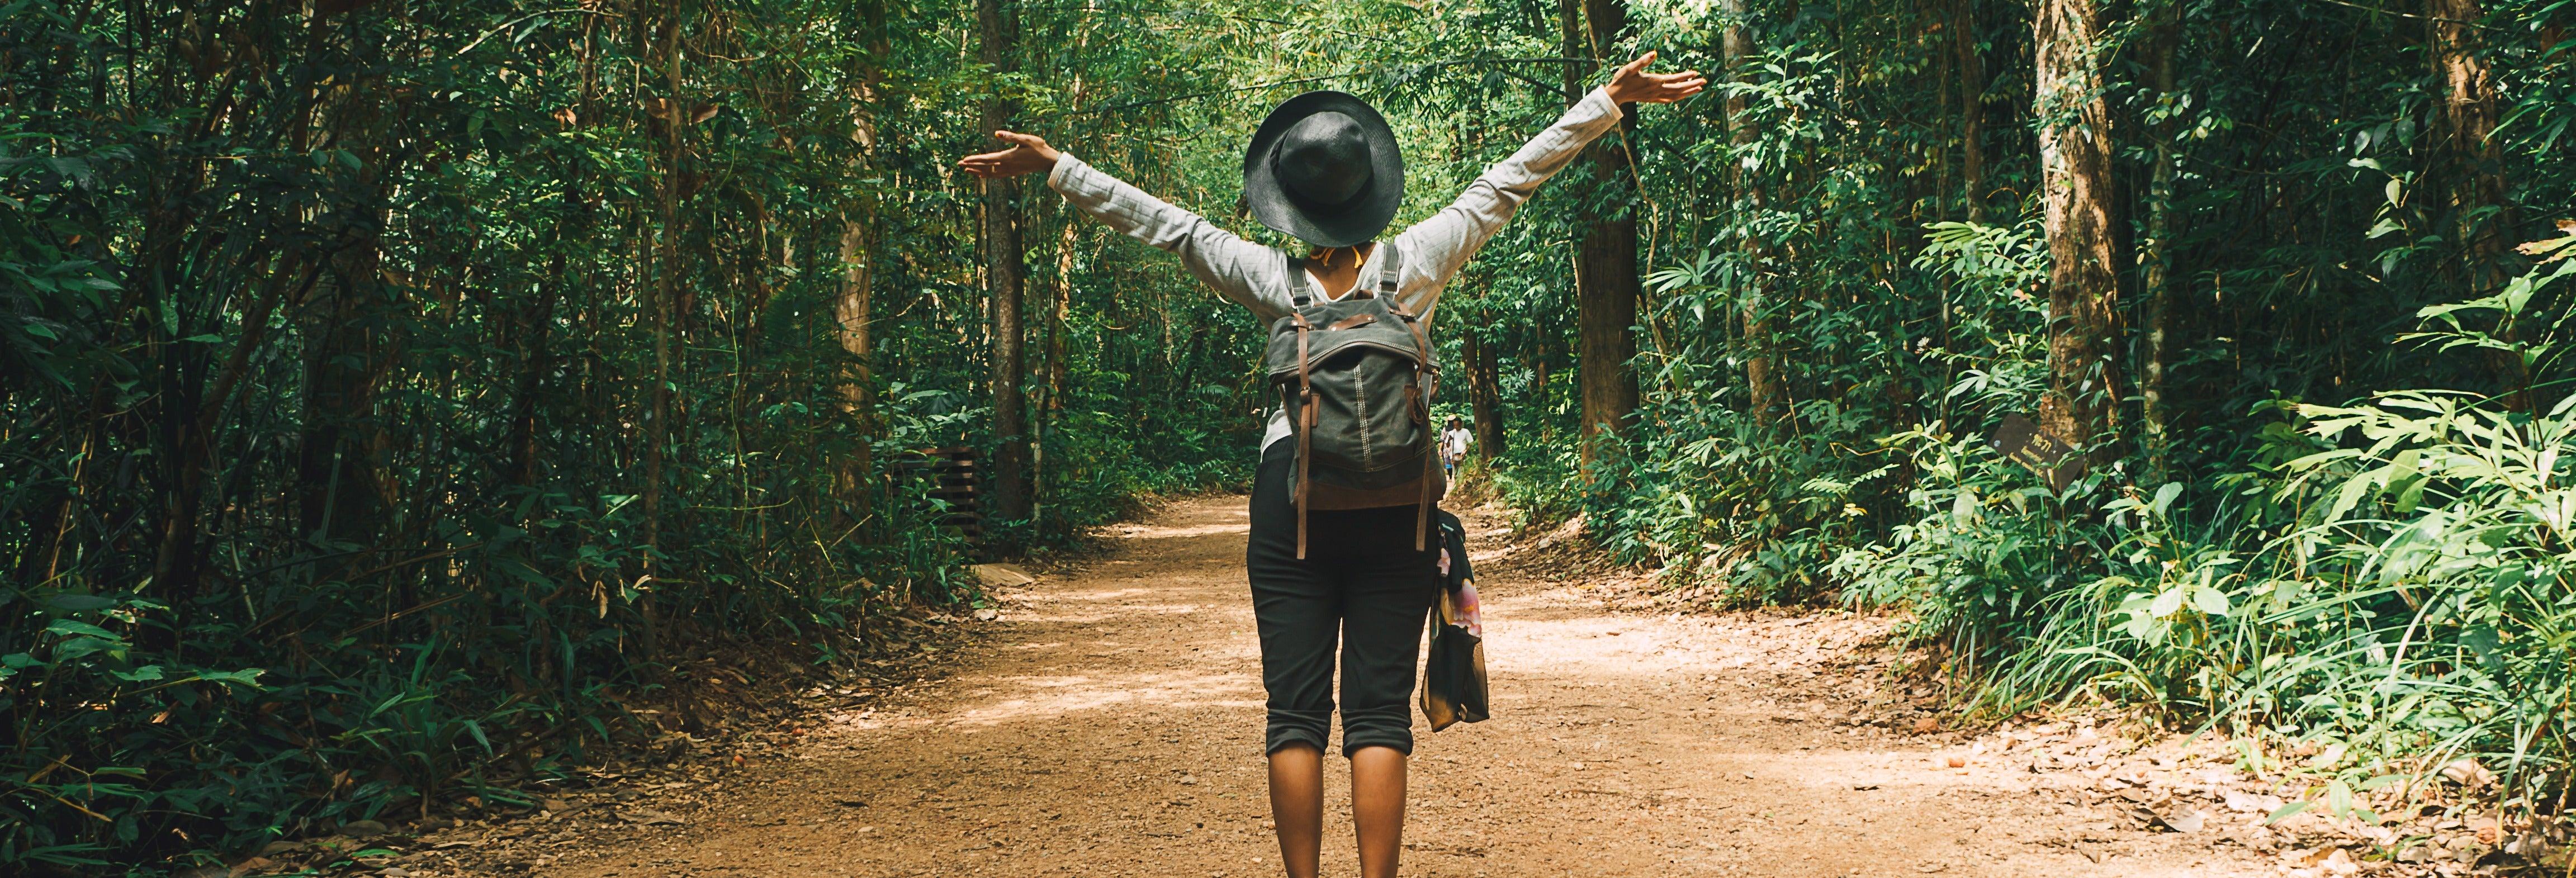 Excursão ao Bosque de Pedra e Parque Nacional Chiloé